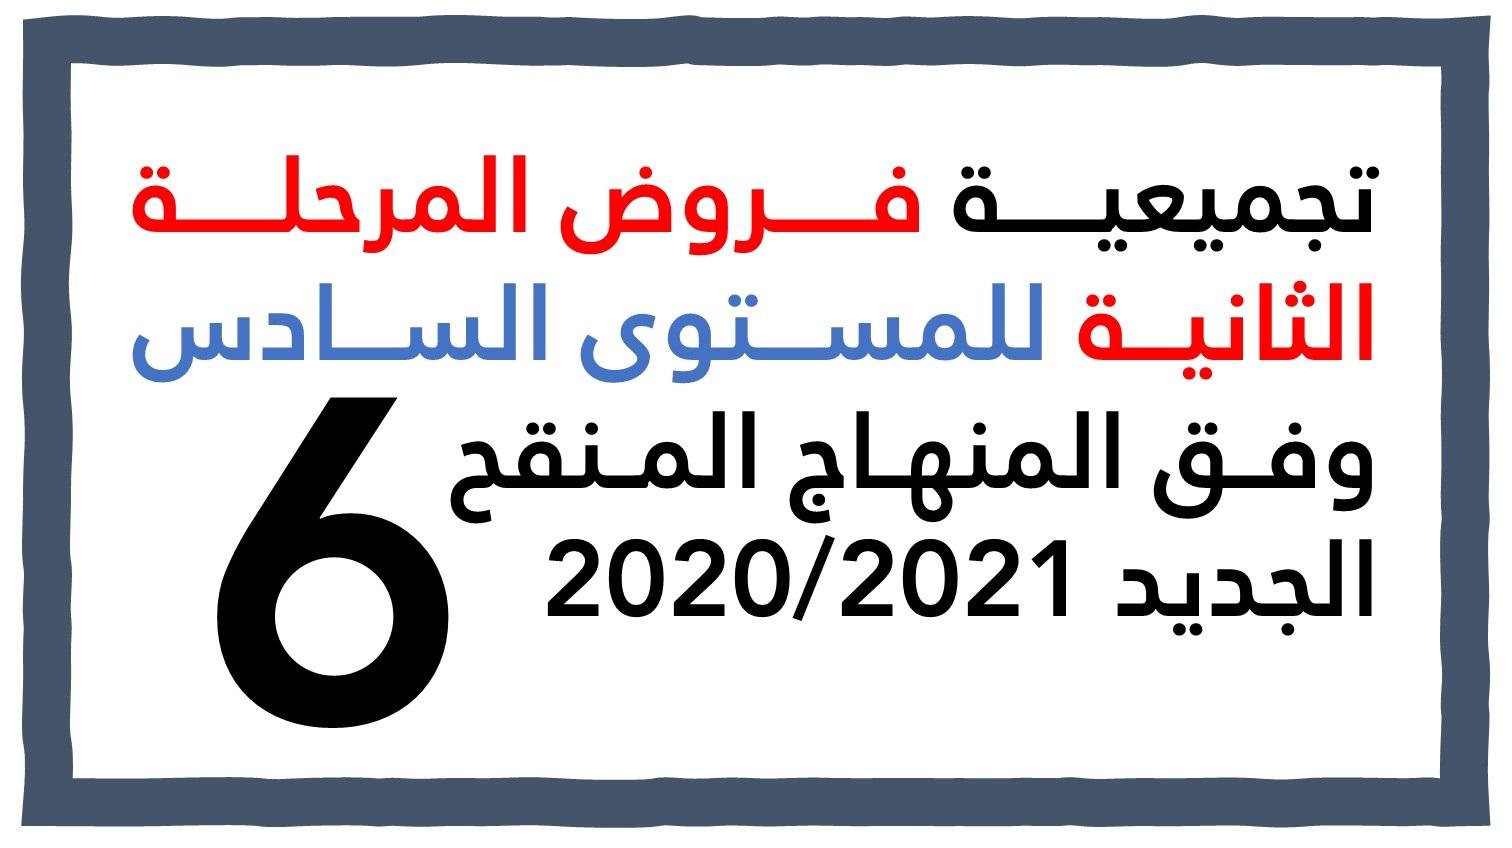 تجميعية فروض المرحلة الثانية للمستوى السادس وفق المنهاج المنقح الجديد 2020/2021